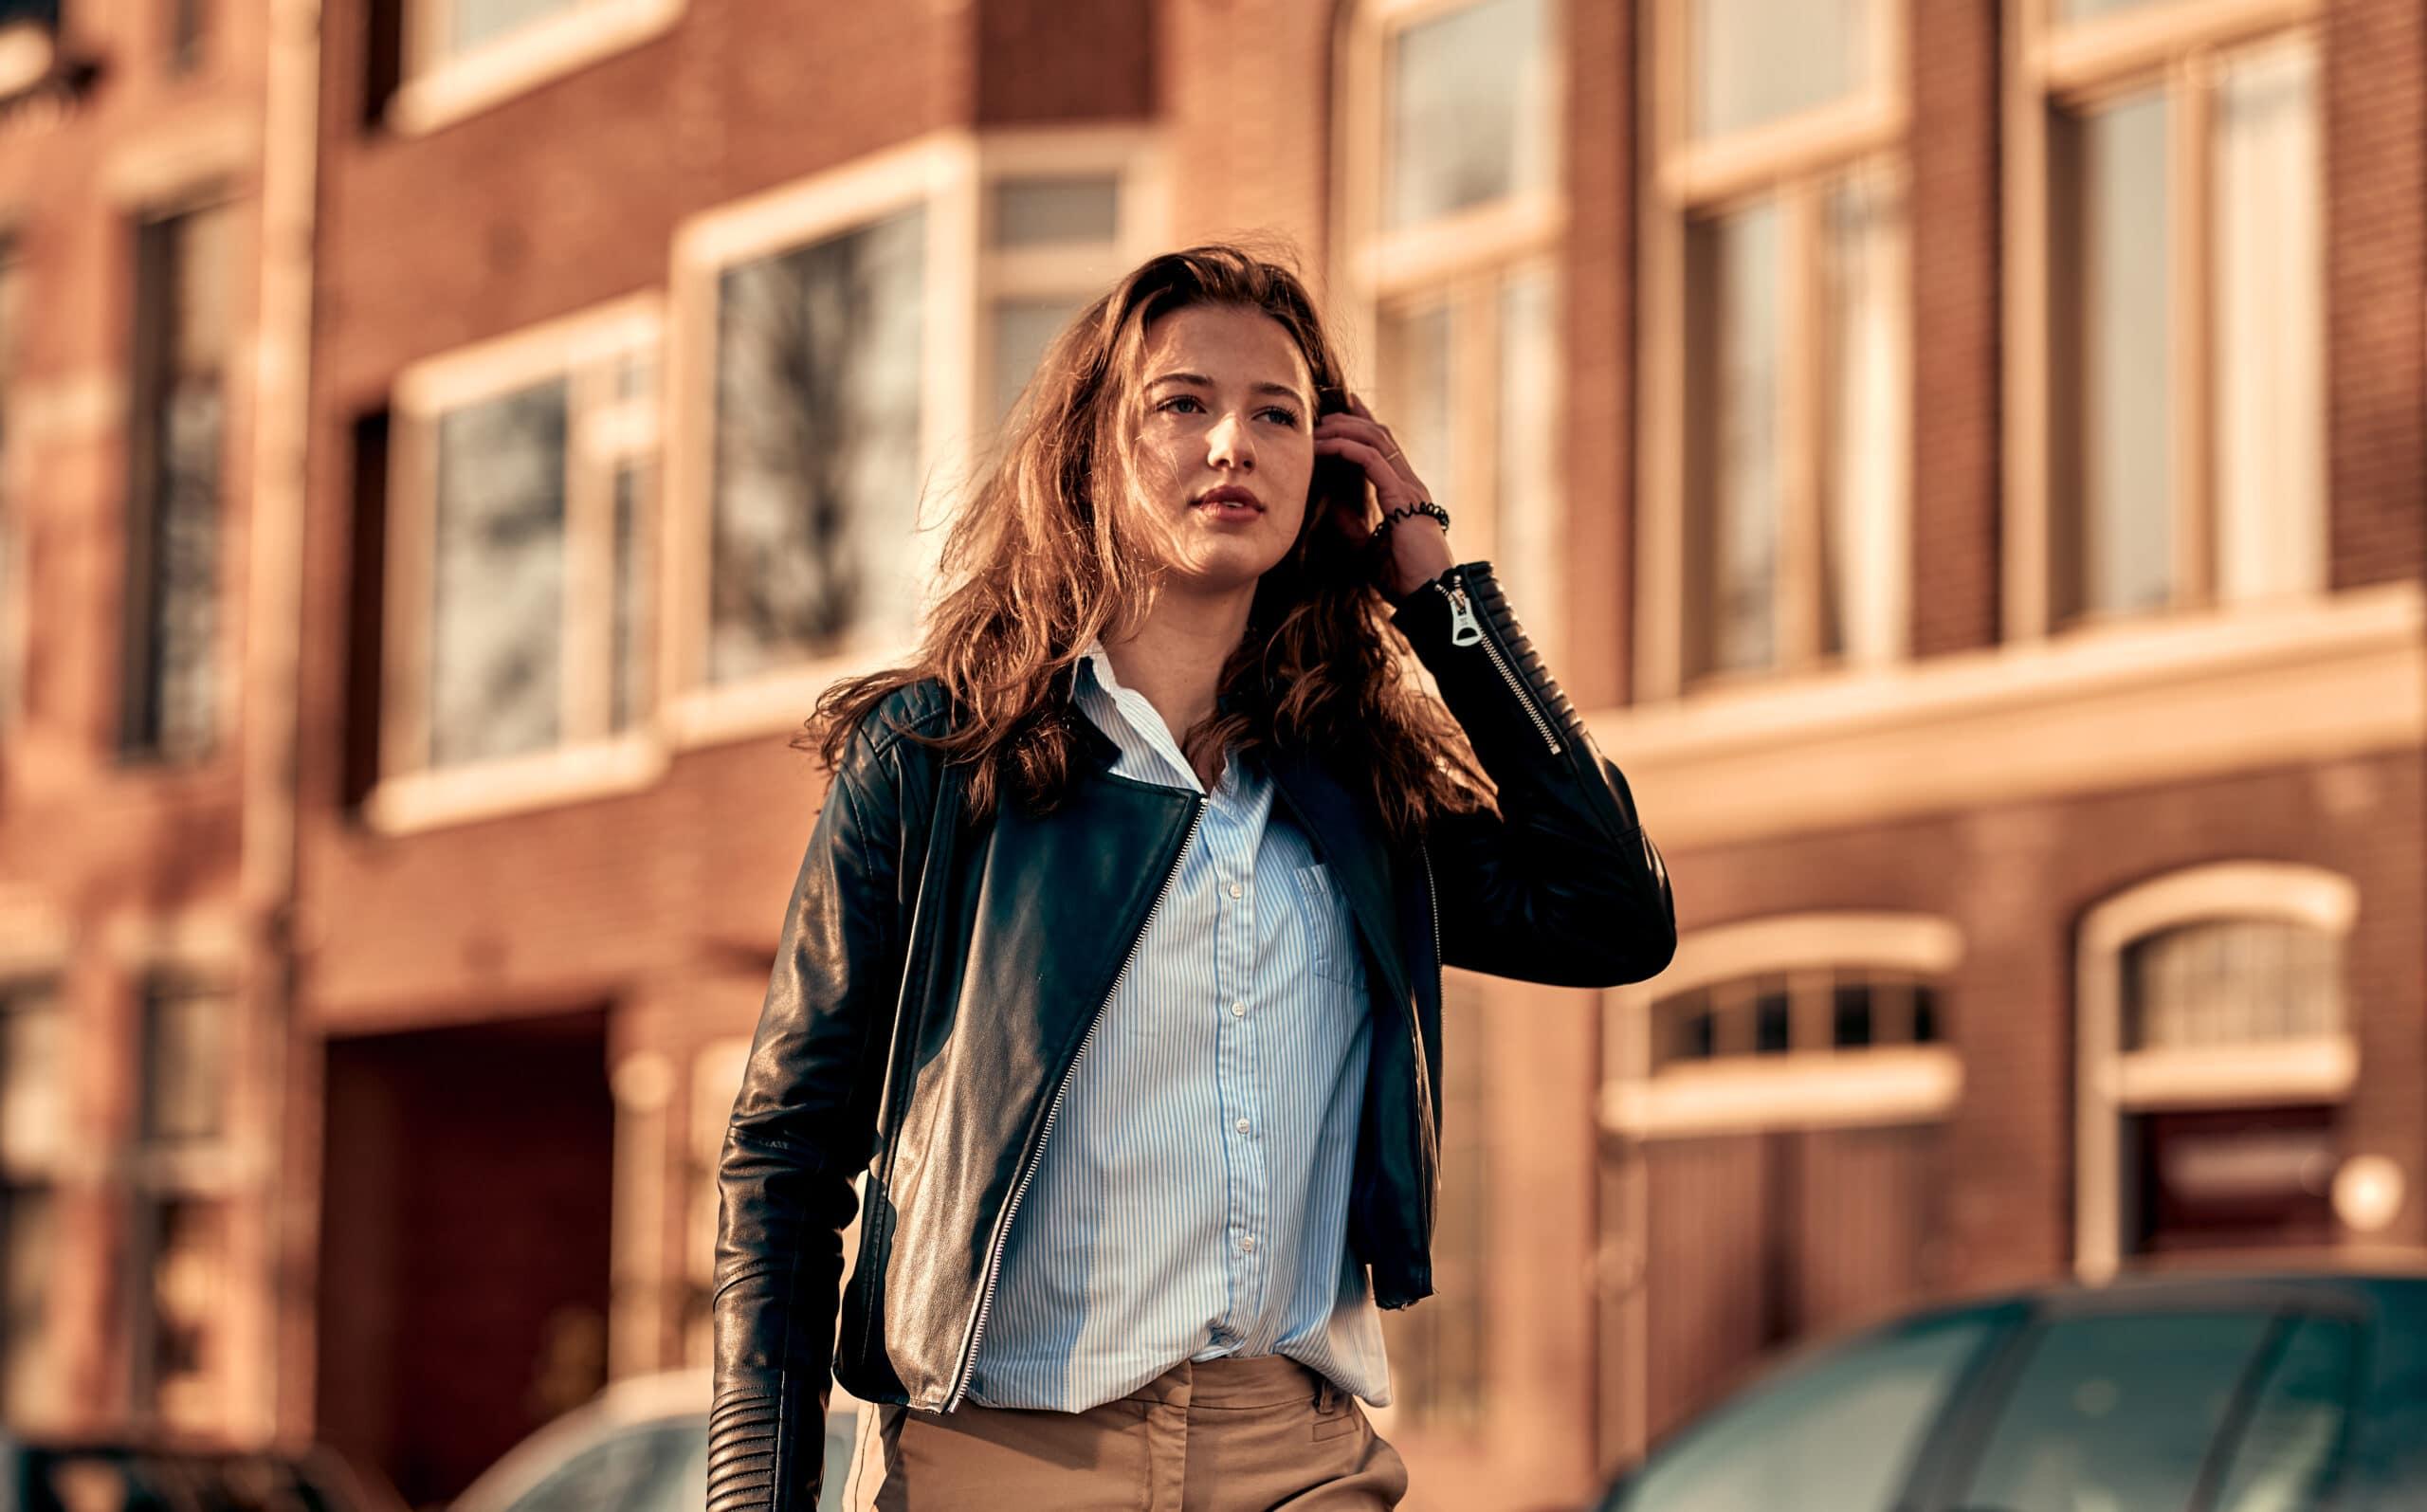 portretfoto van vrouw met veel scherptediepte